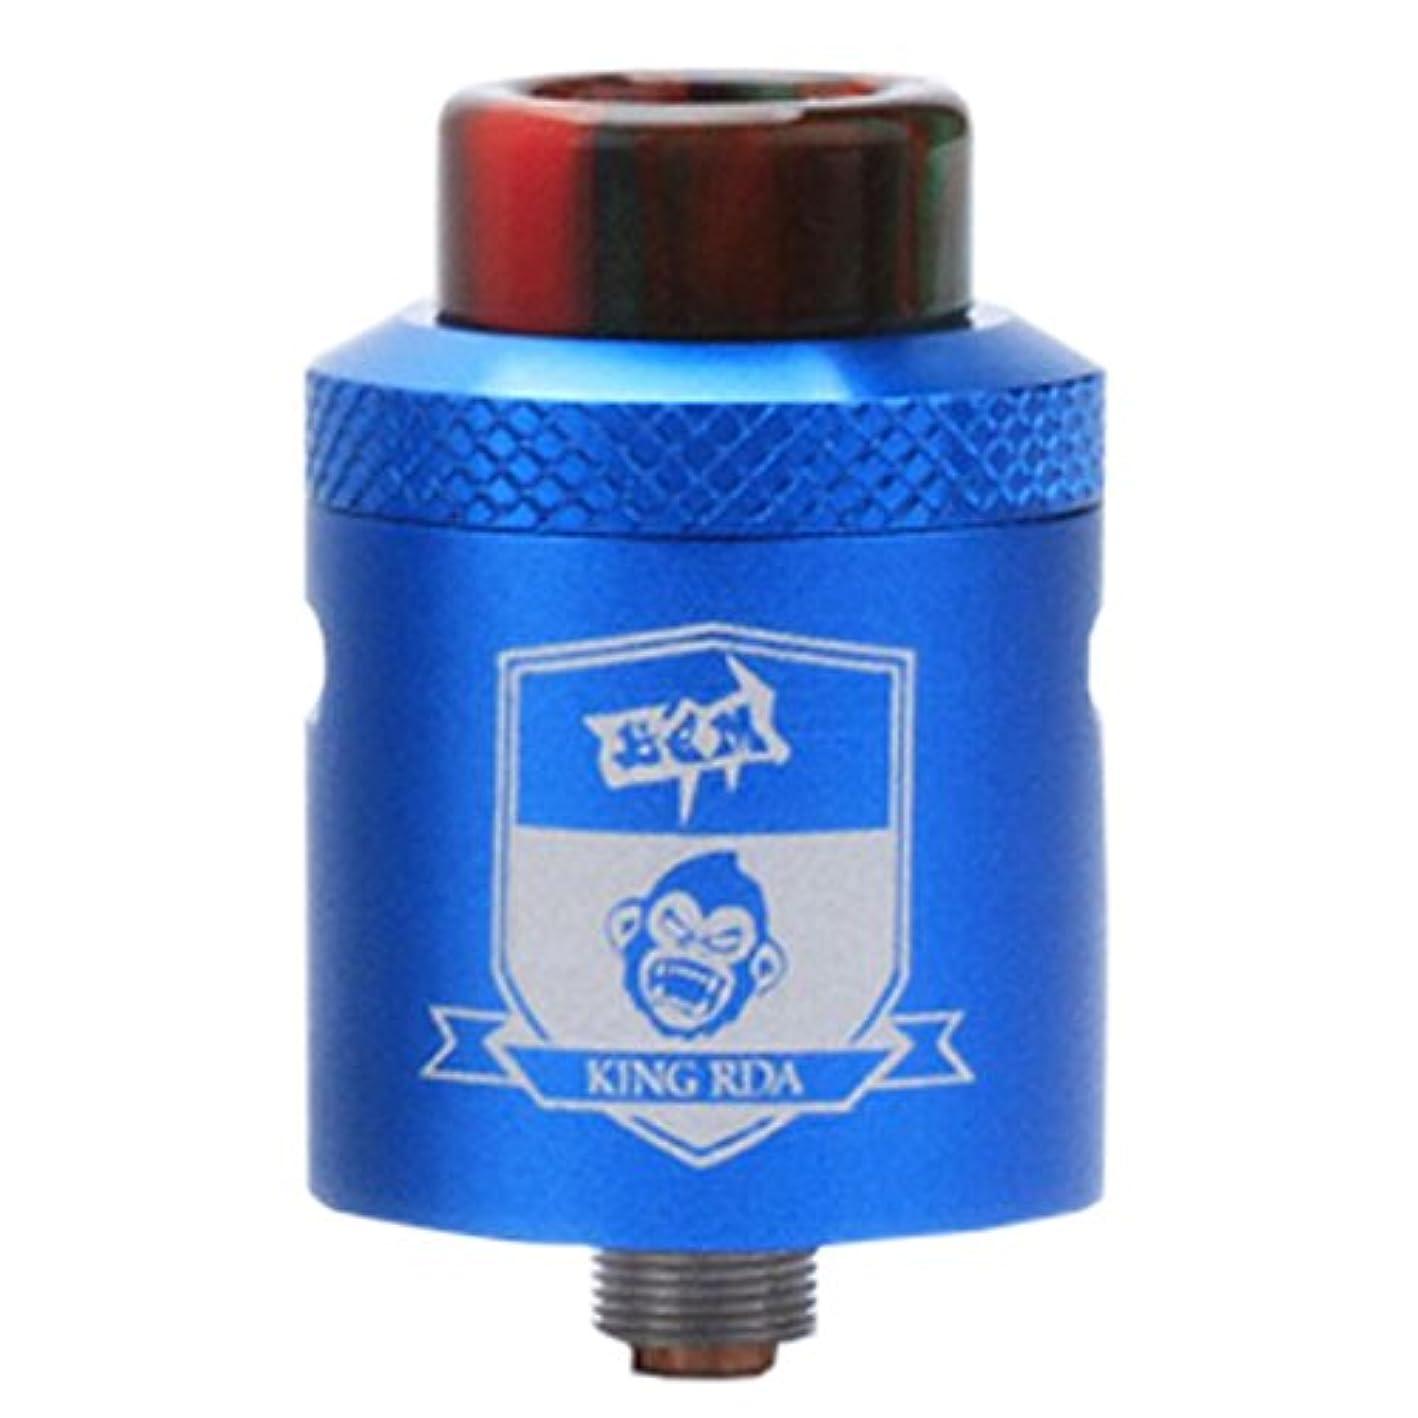 貪欲ソブリケットレバーShioyaw 電子タバコ アトマイザー ドリップチップ RDA 爆煙 タバコ Vape 510 選べるカラー 5色 (ブルー)